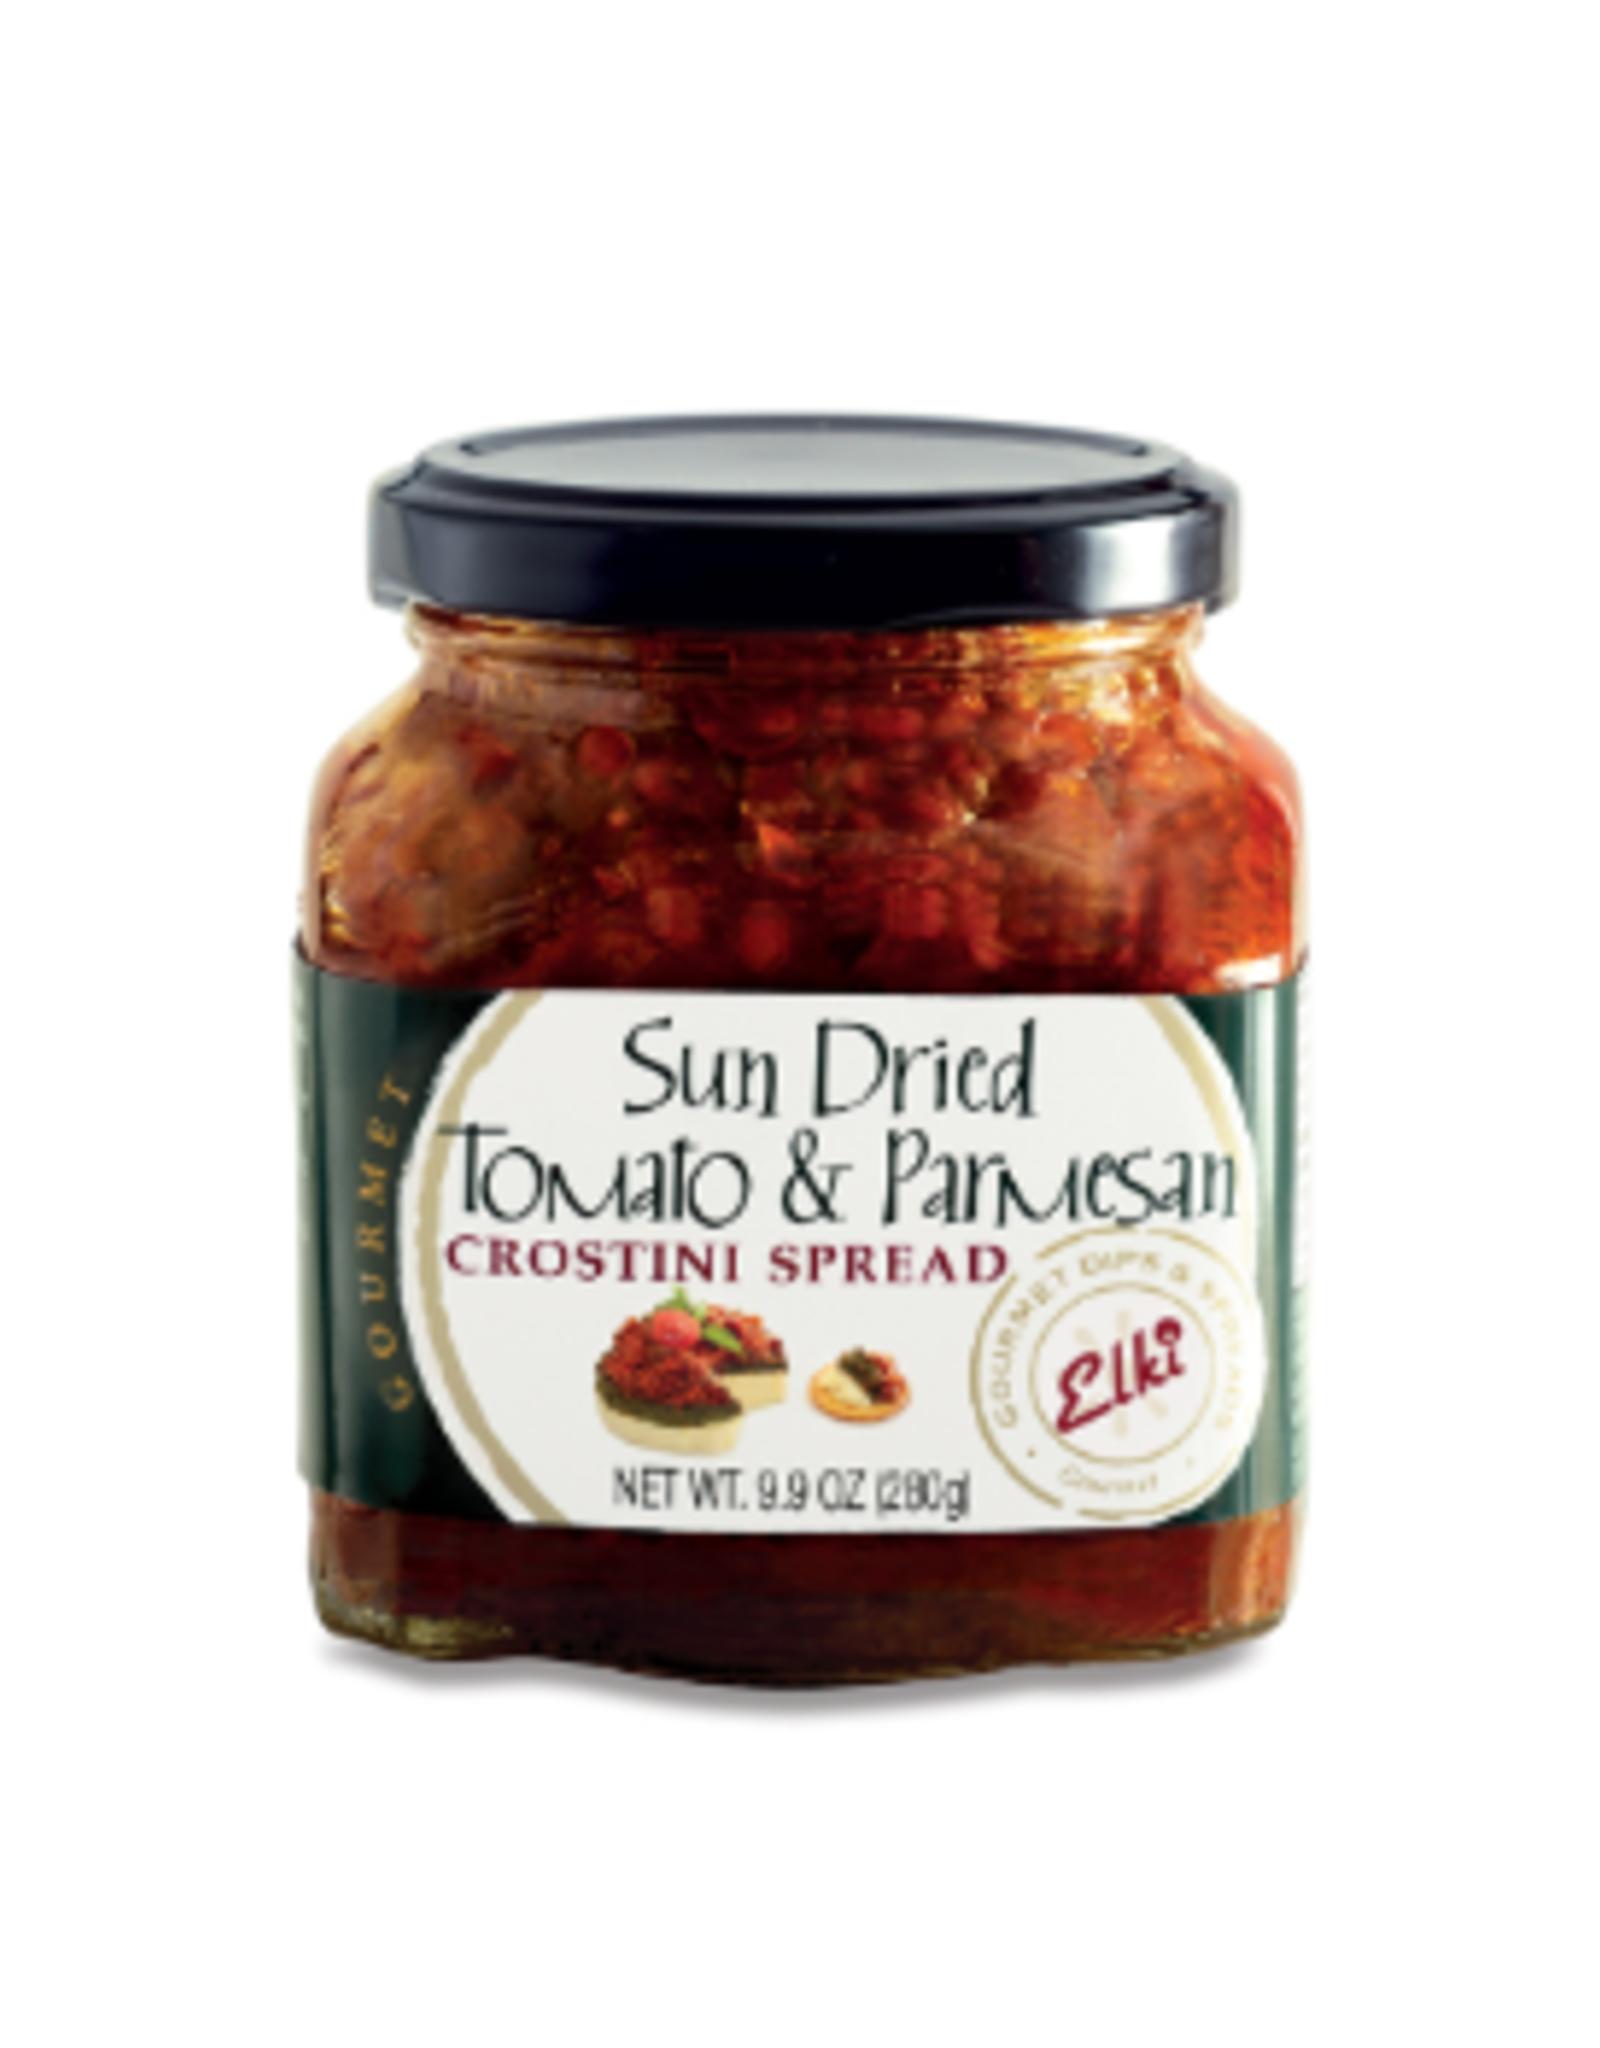 Elki Elki Sundried Tomato & Parmesan Crostini Spread